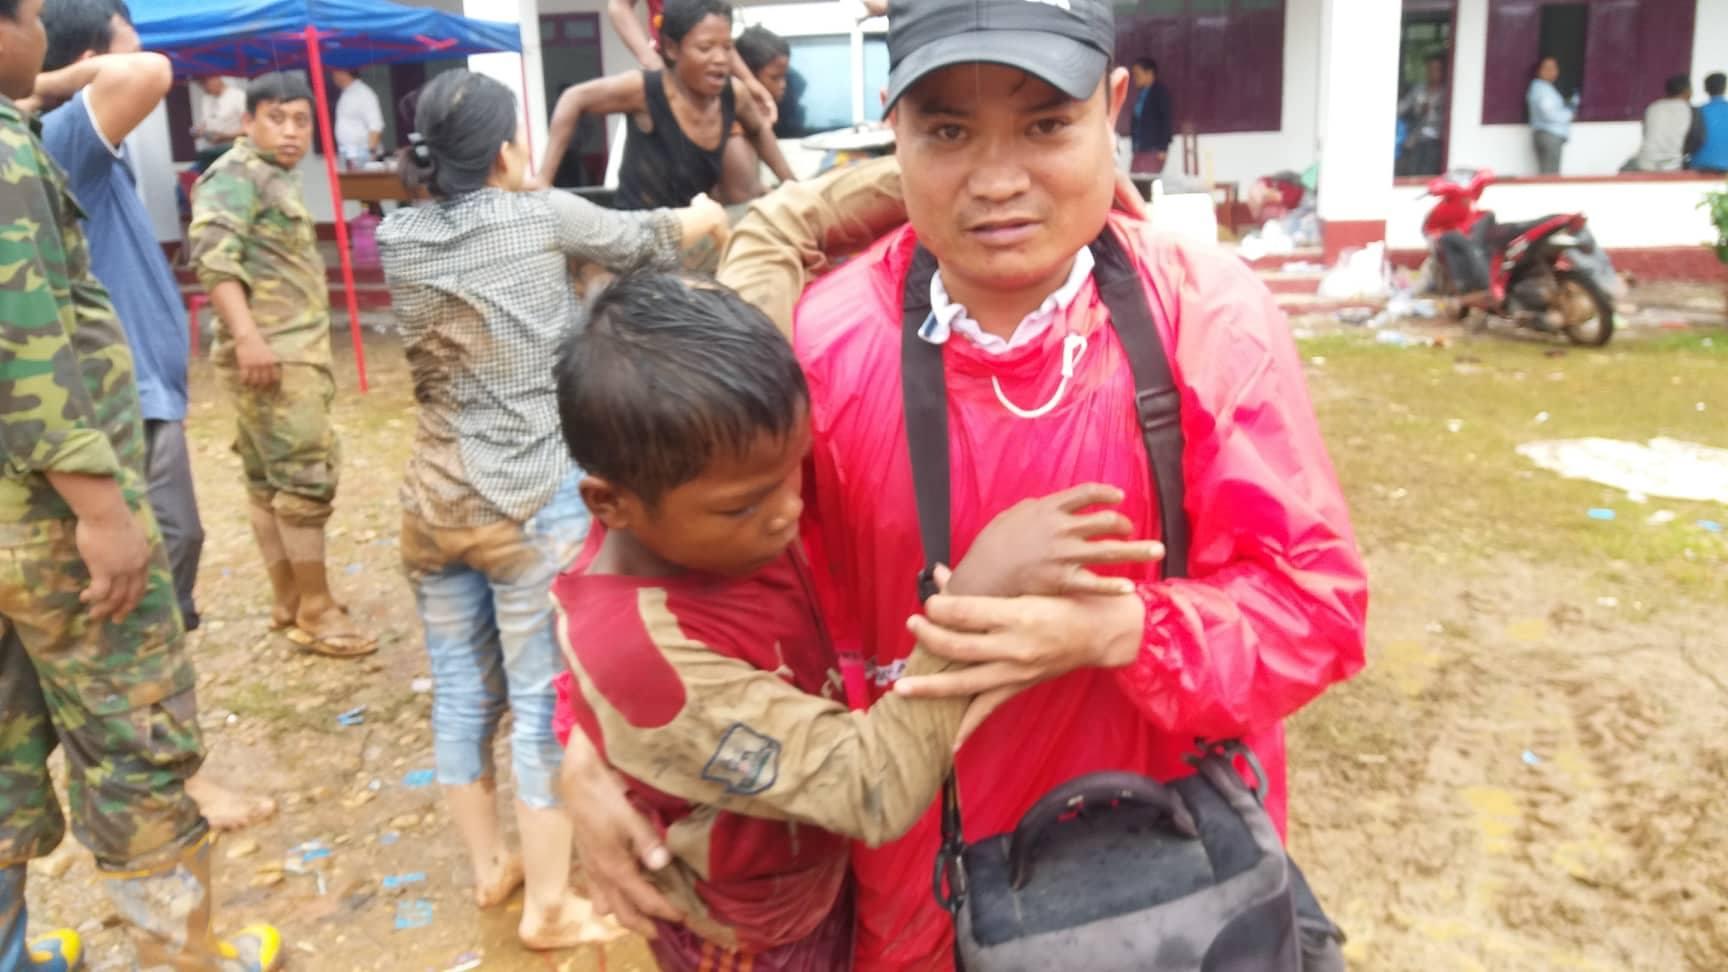 Vỡ đập thủy điện Lào: Cận cảnh công tác cứu hộ tại nơi cơn lũ vừa càn quét - Ảnh 9